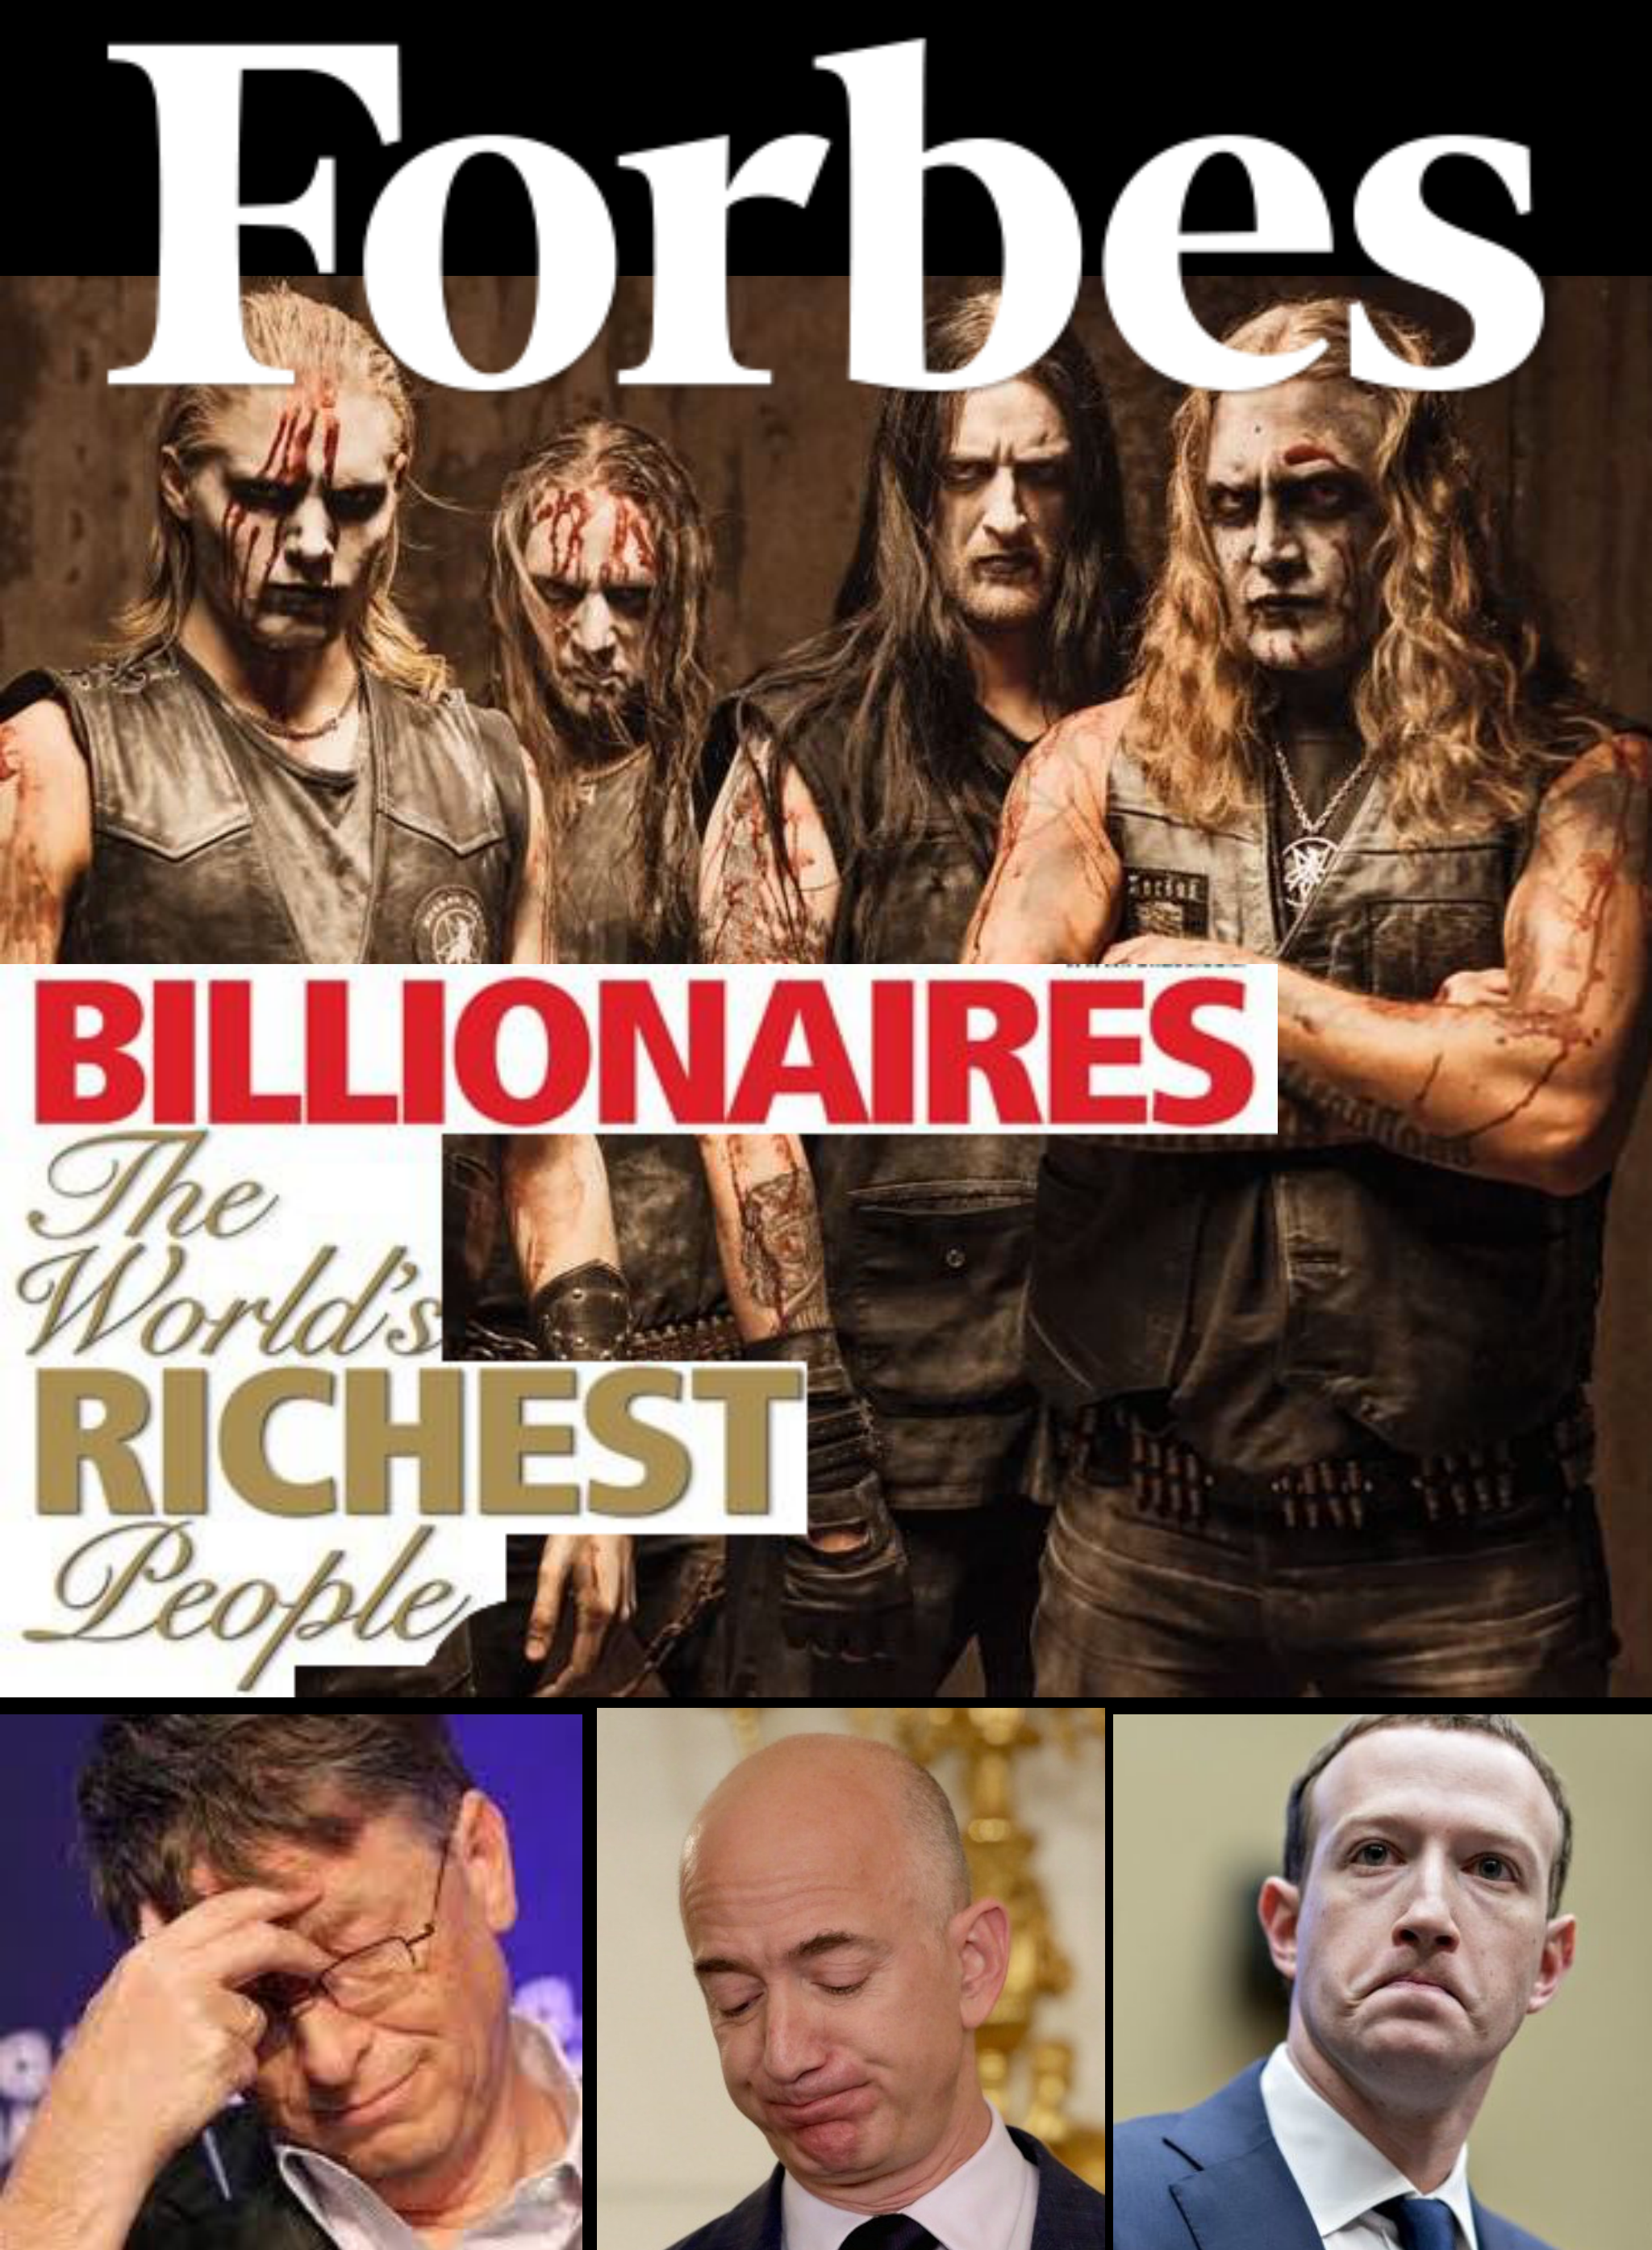 Metalowy zespół zarobił miliony! Najbogatsi ludzie świata zdruzgotani